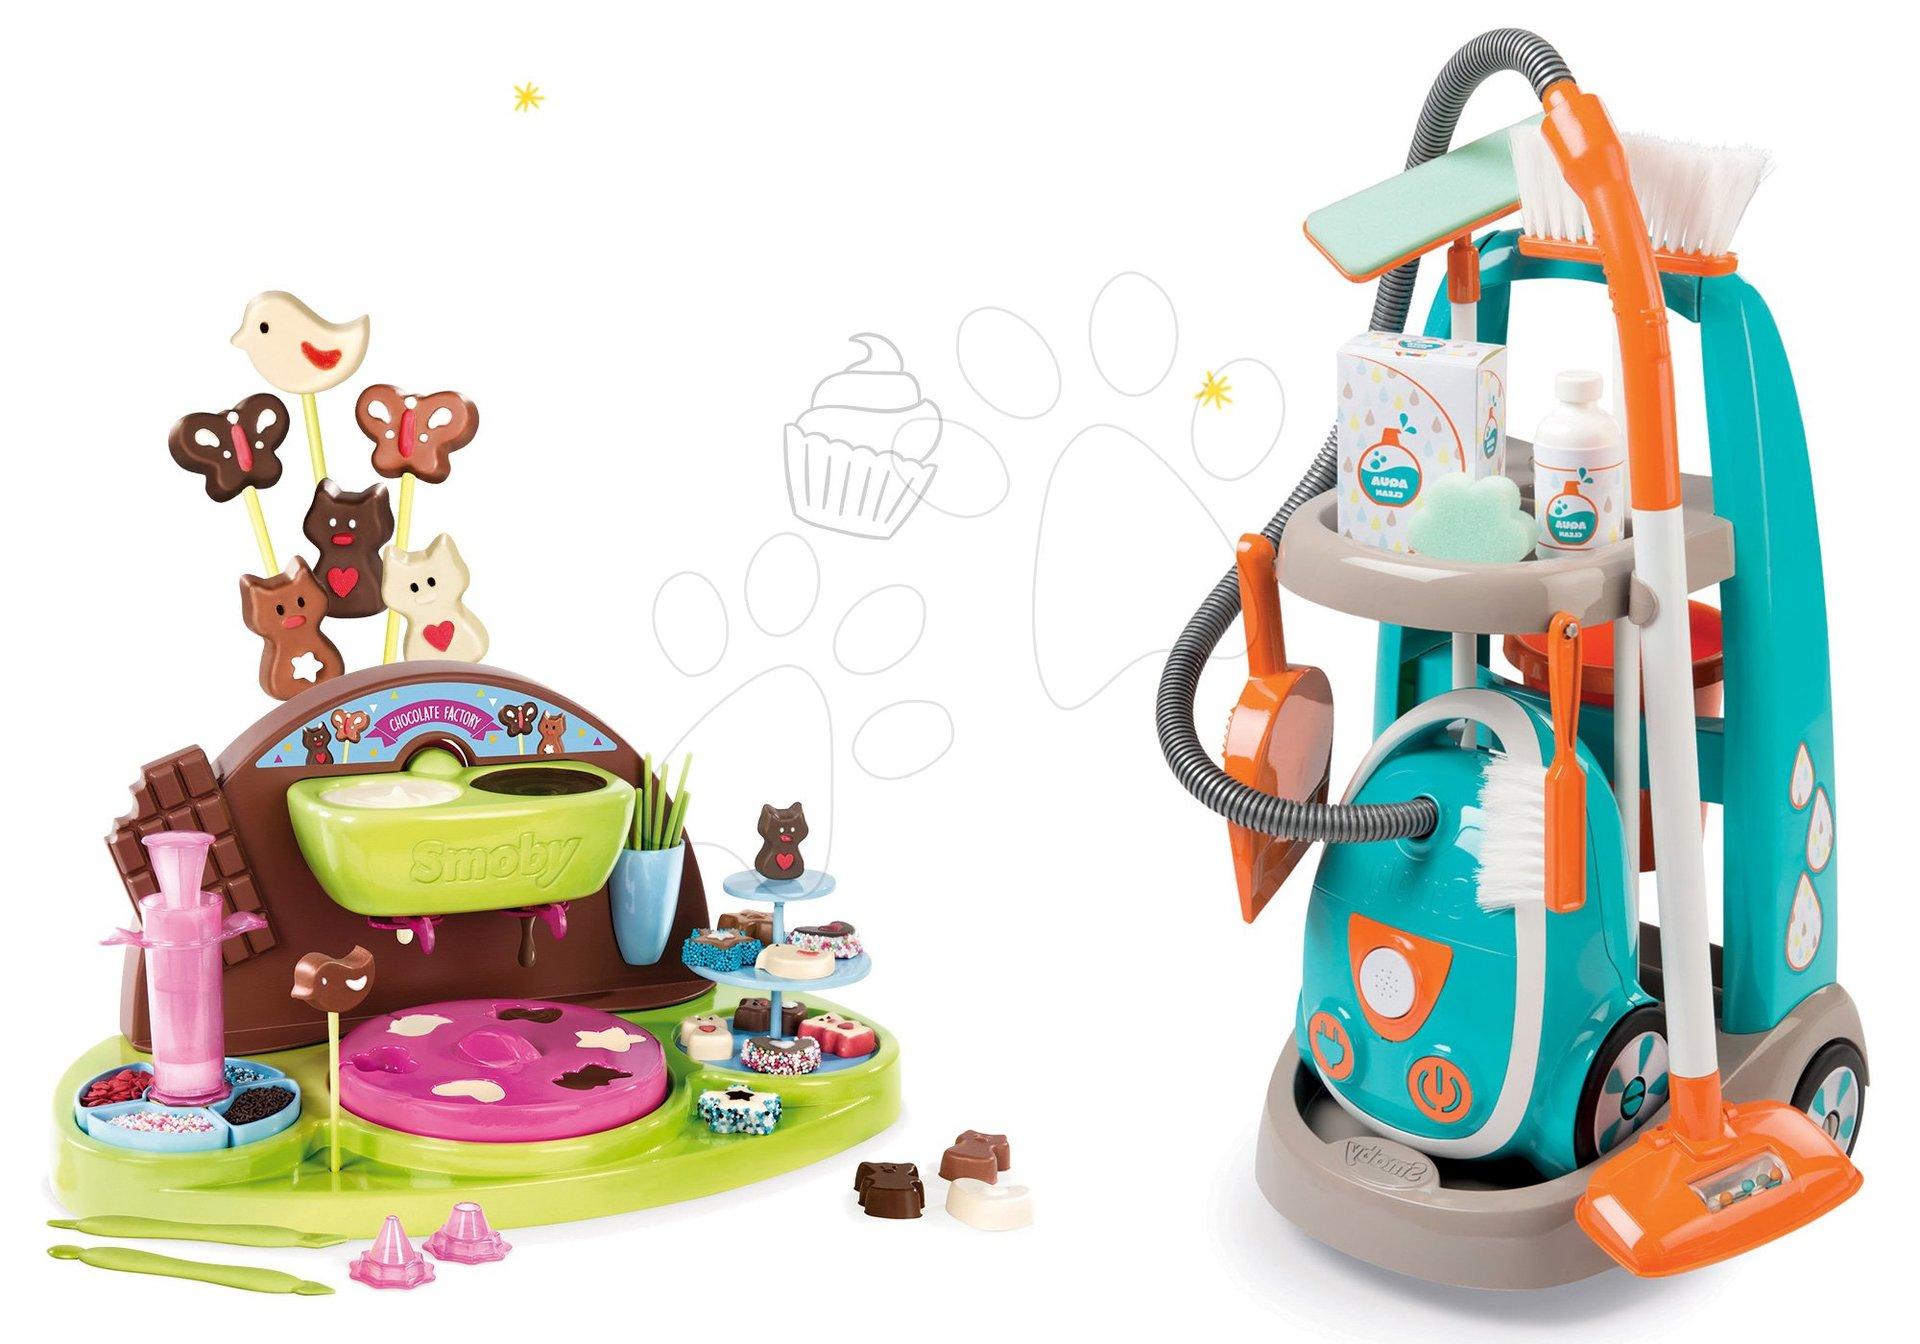 Hry na domácnosť - Set upratovací vozík s elektronickým vysávačom Clean Smoby a kuchárka Čokoládovňa